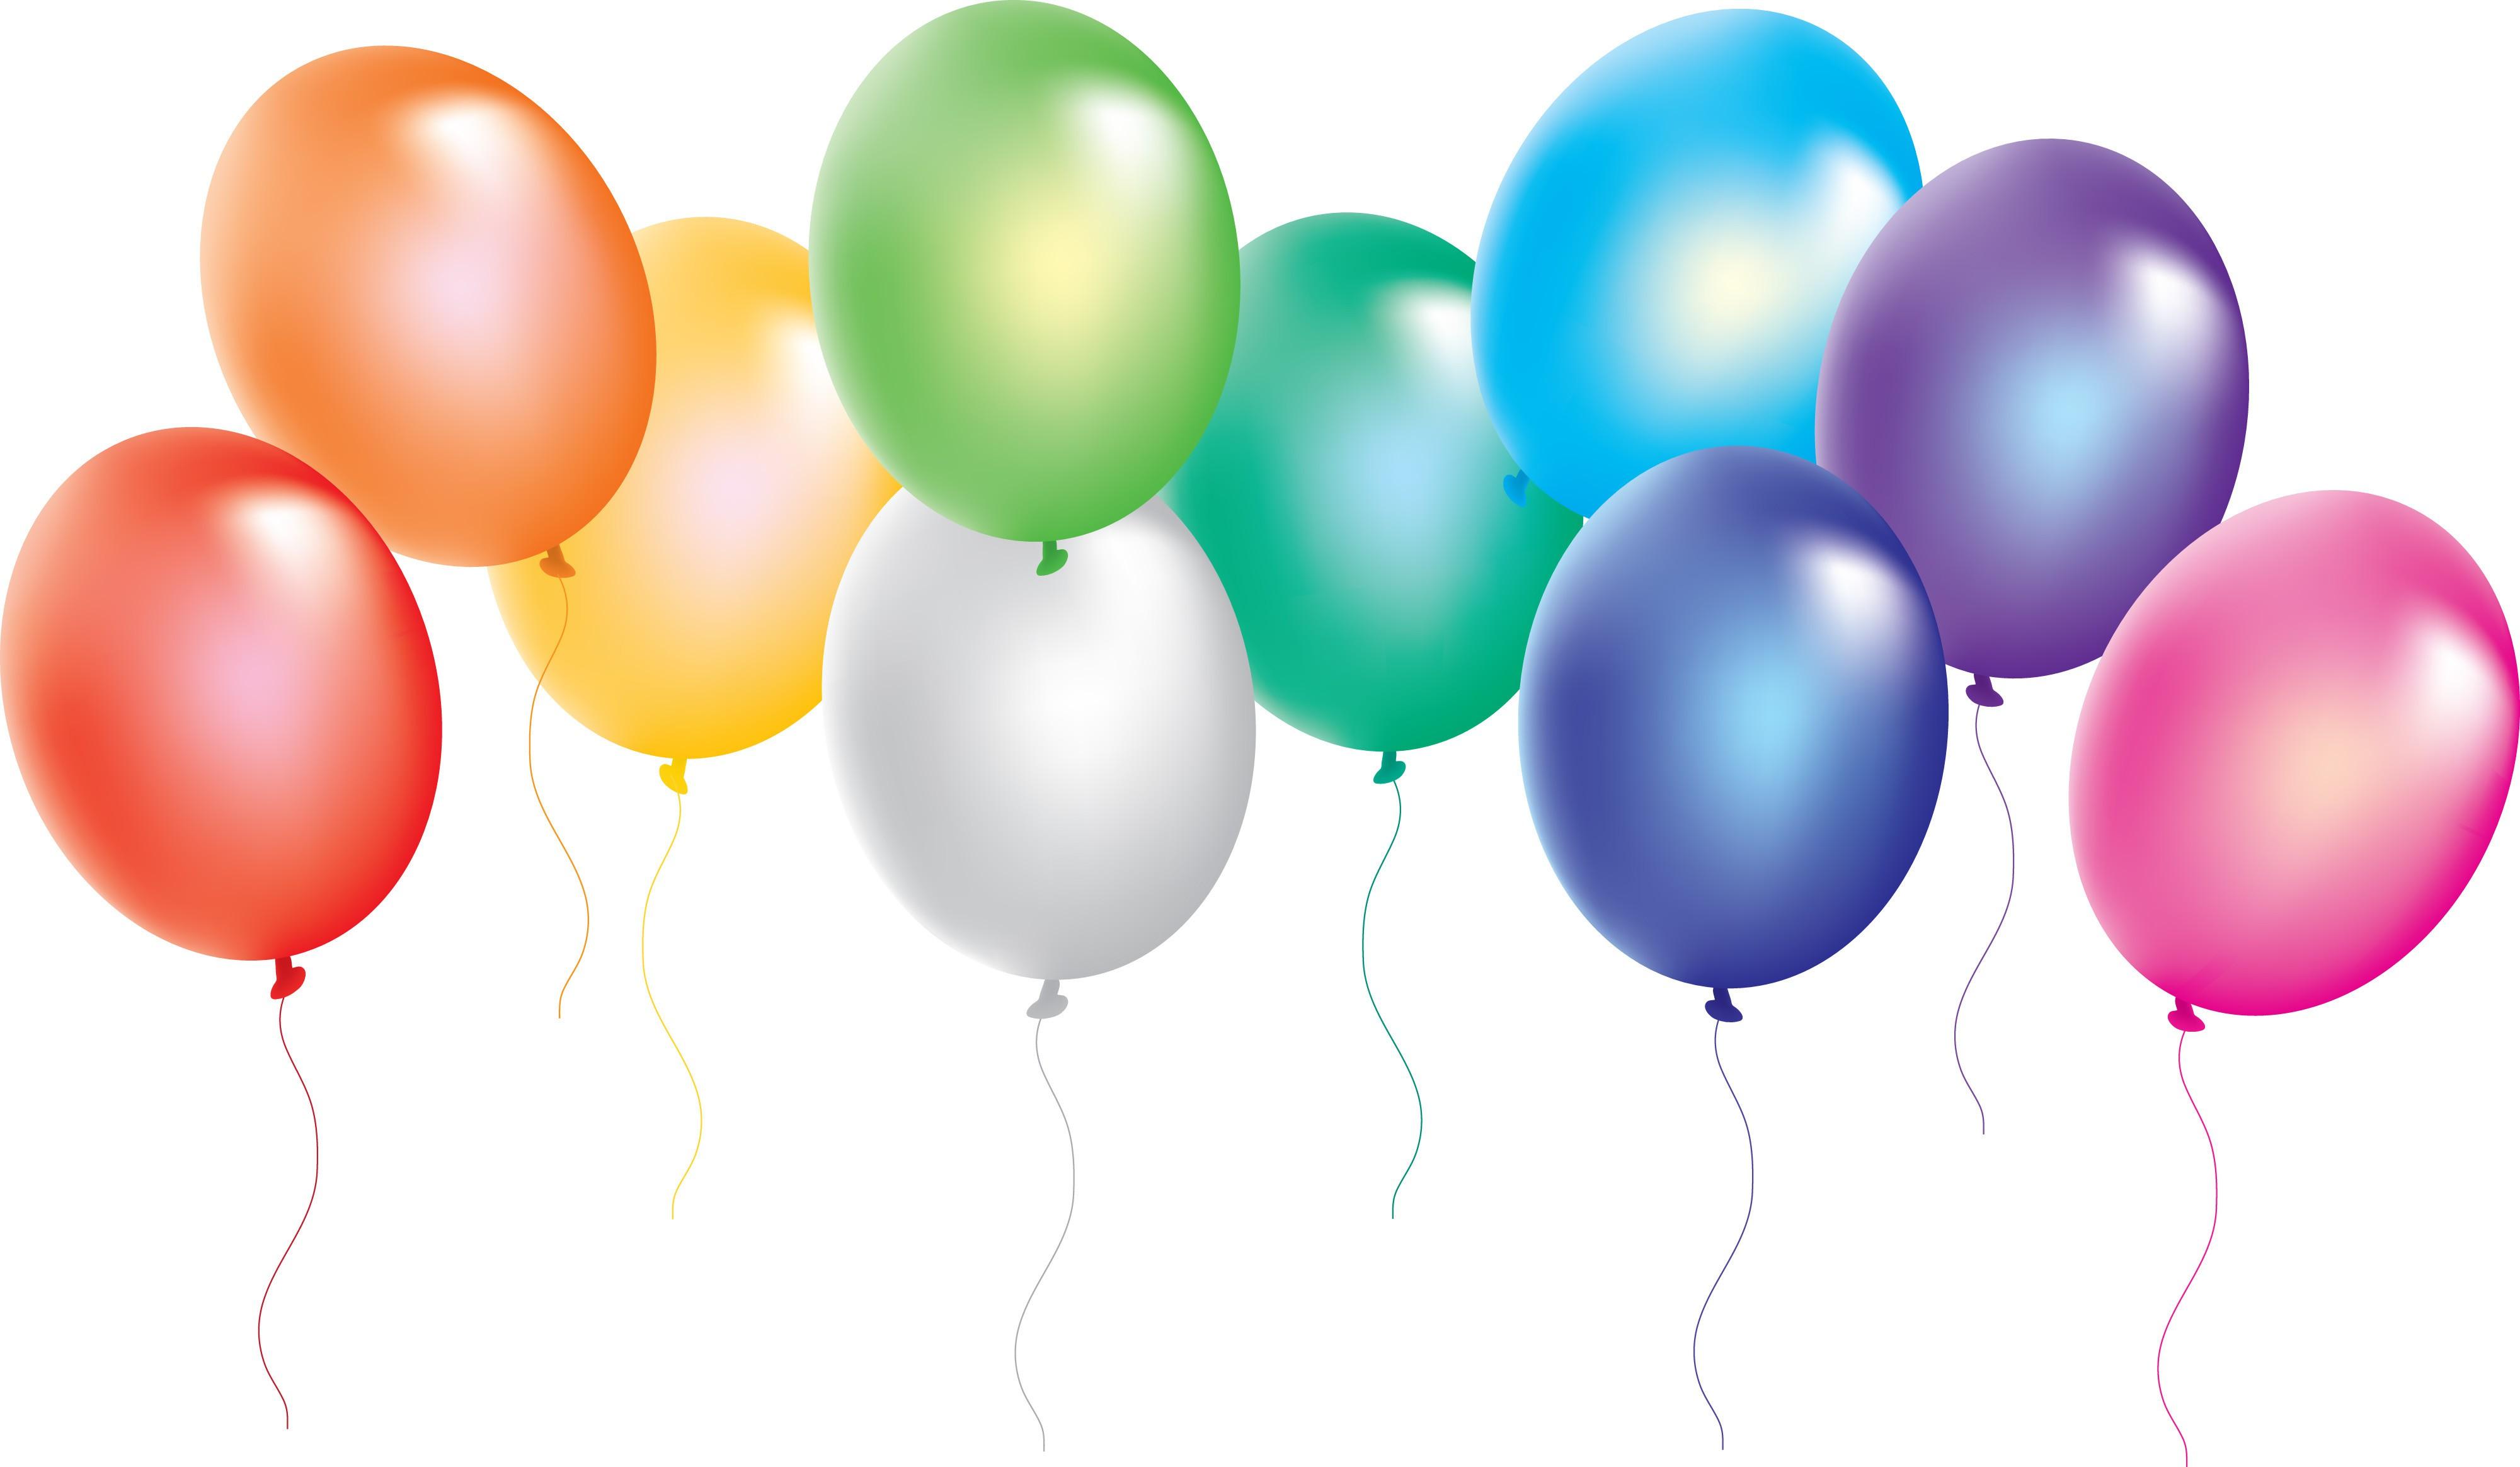 4000x2329 Happy Anniversary Work Anniversary Clipart Kid 3